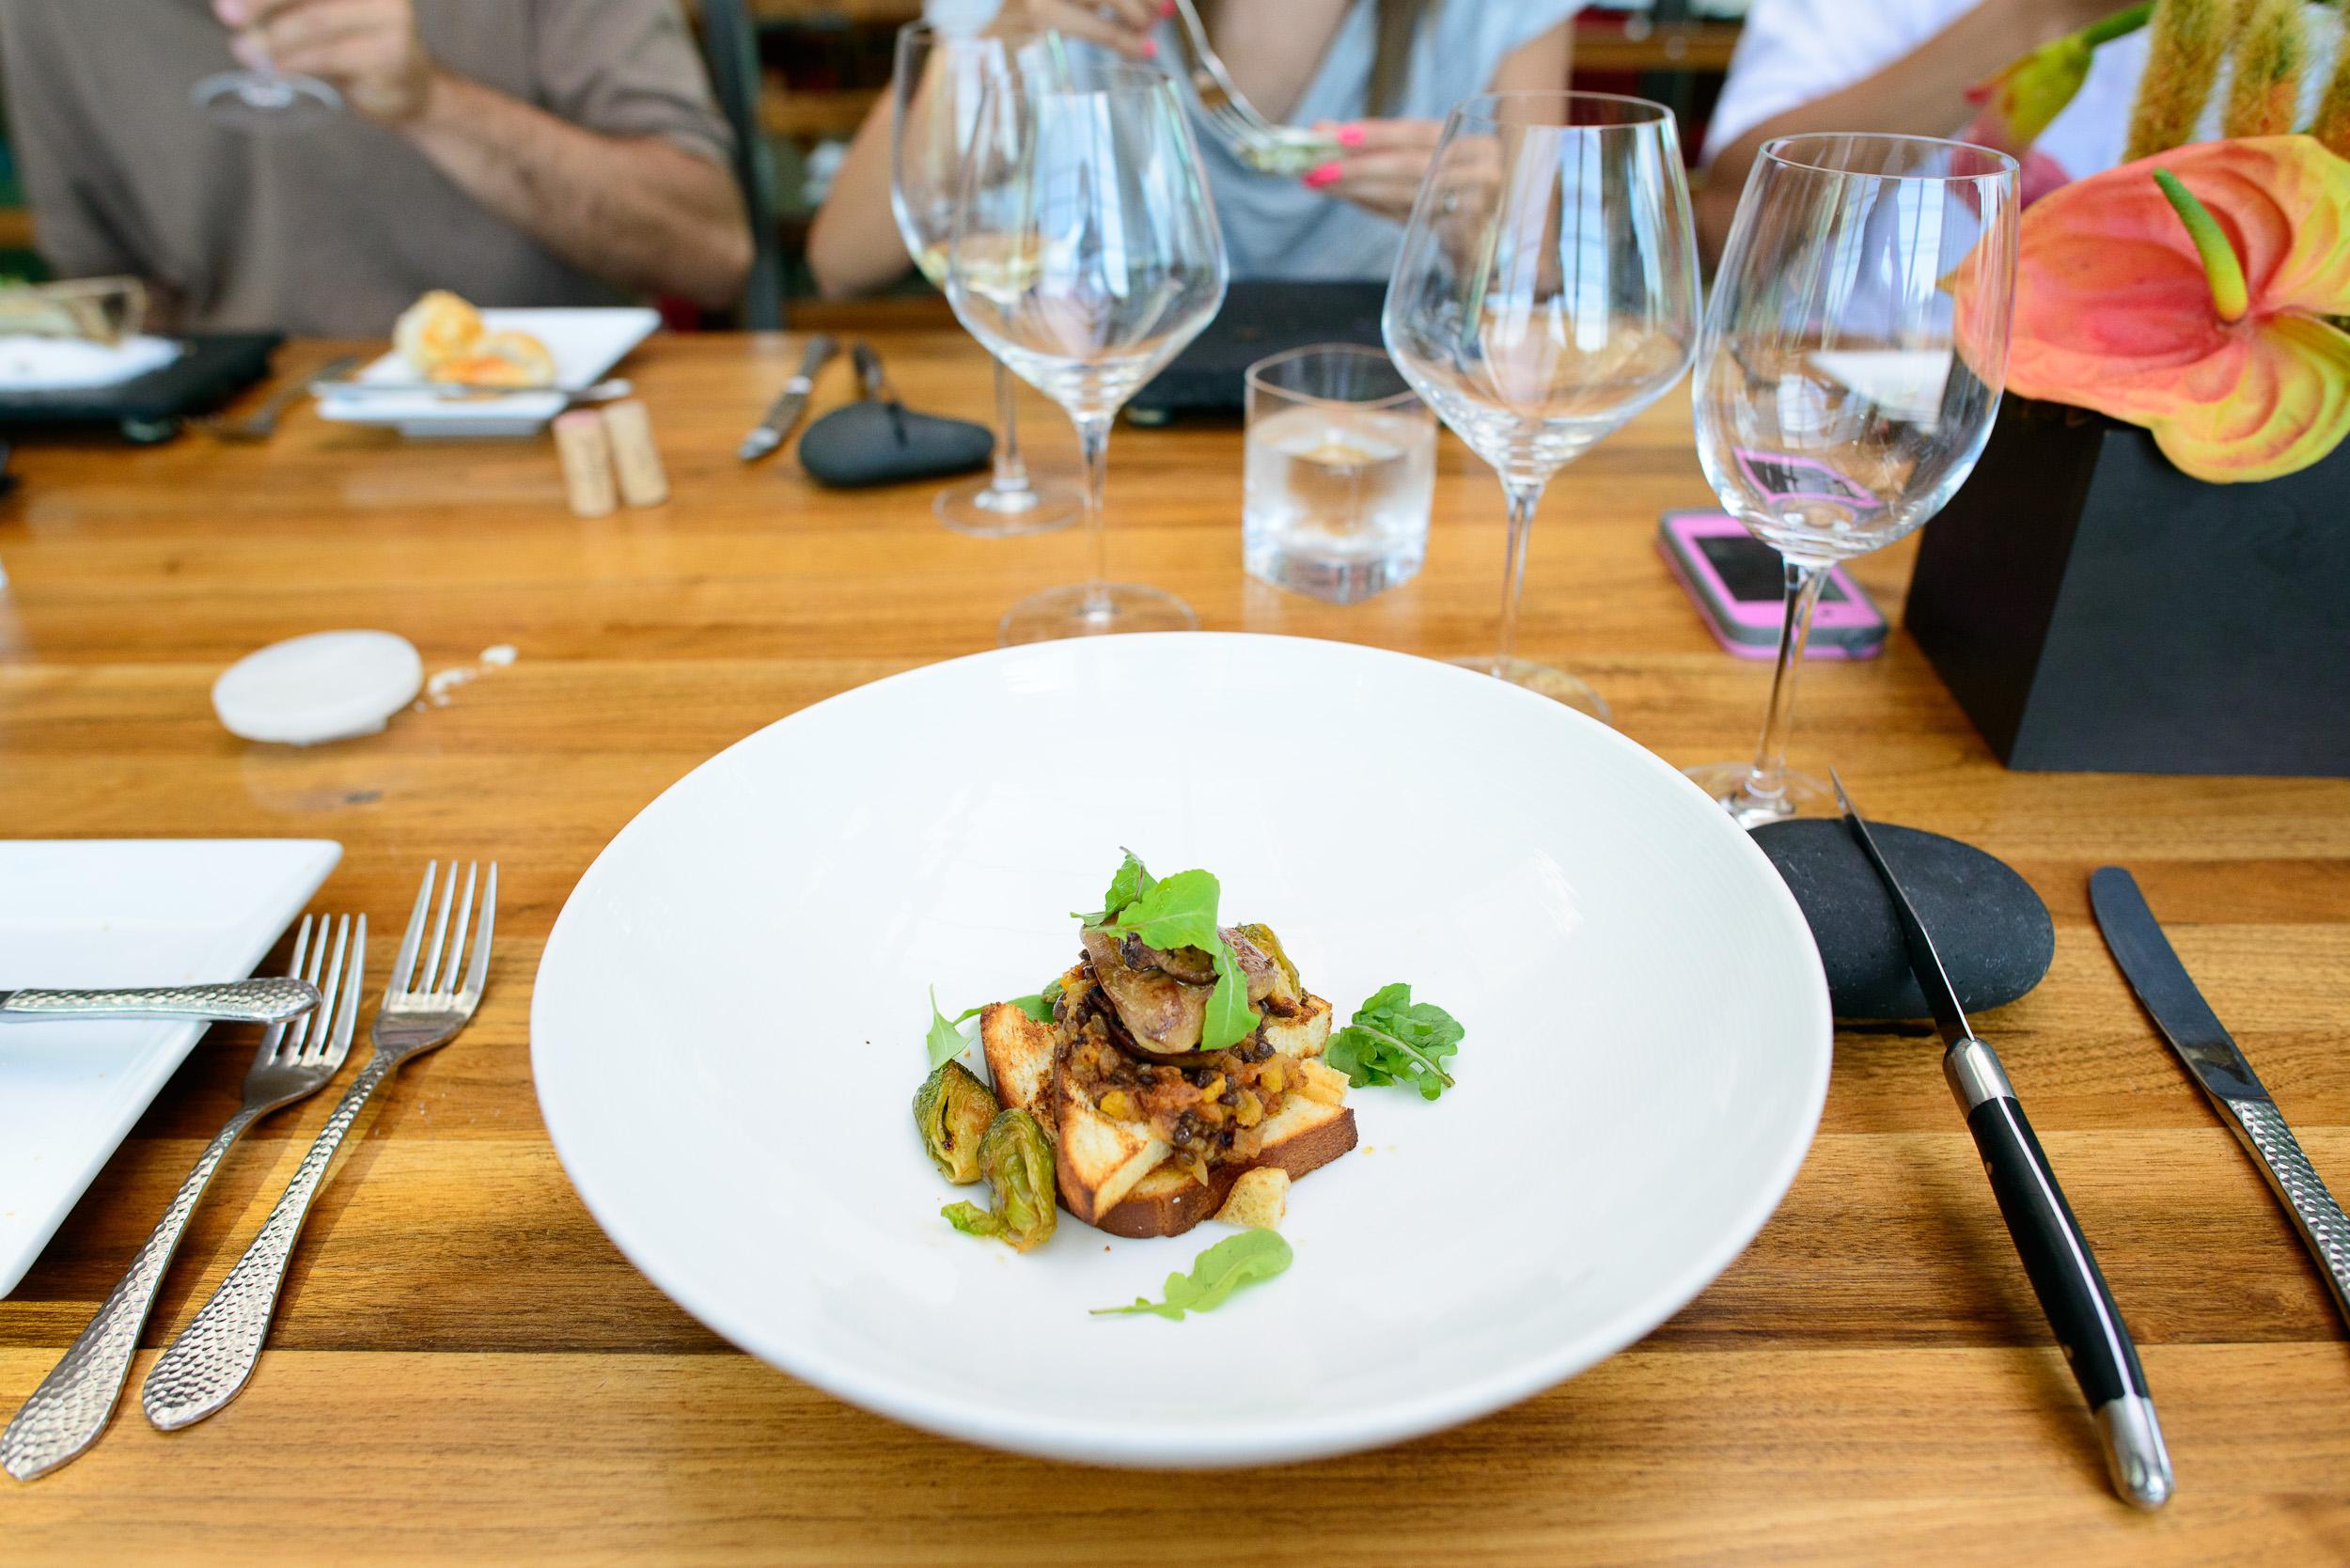 Foie gras sellado - estofado de lentejas, chipotle seco (Seared